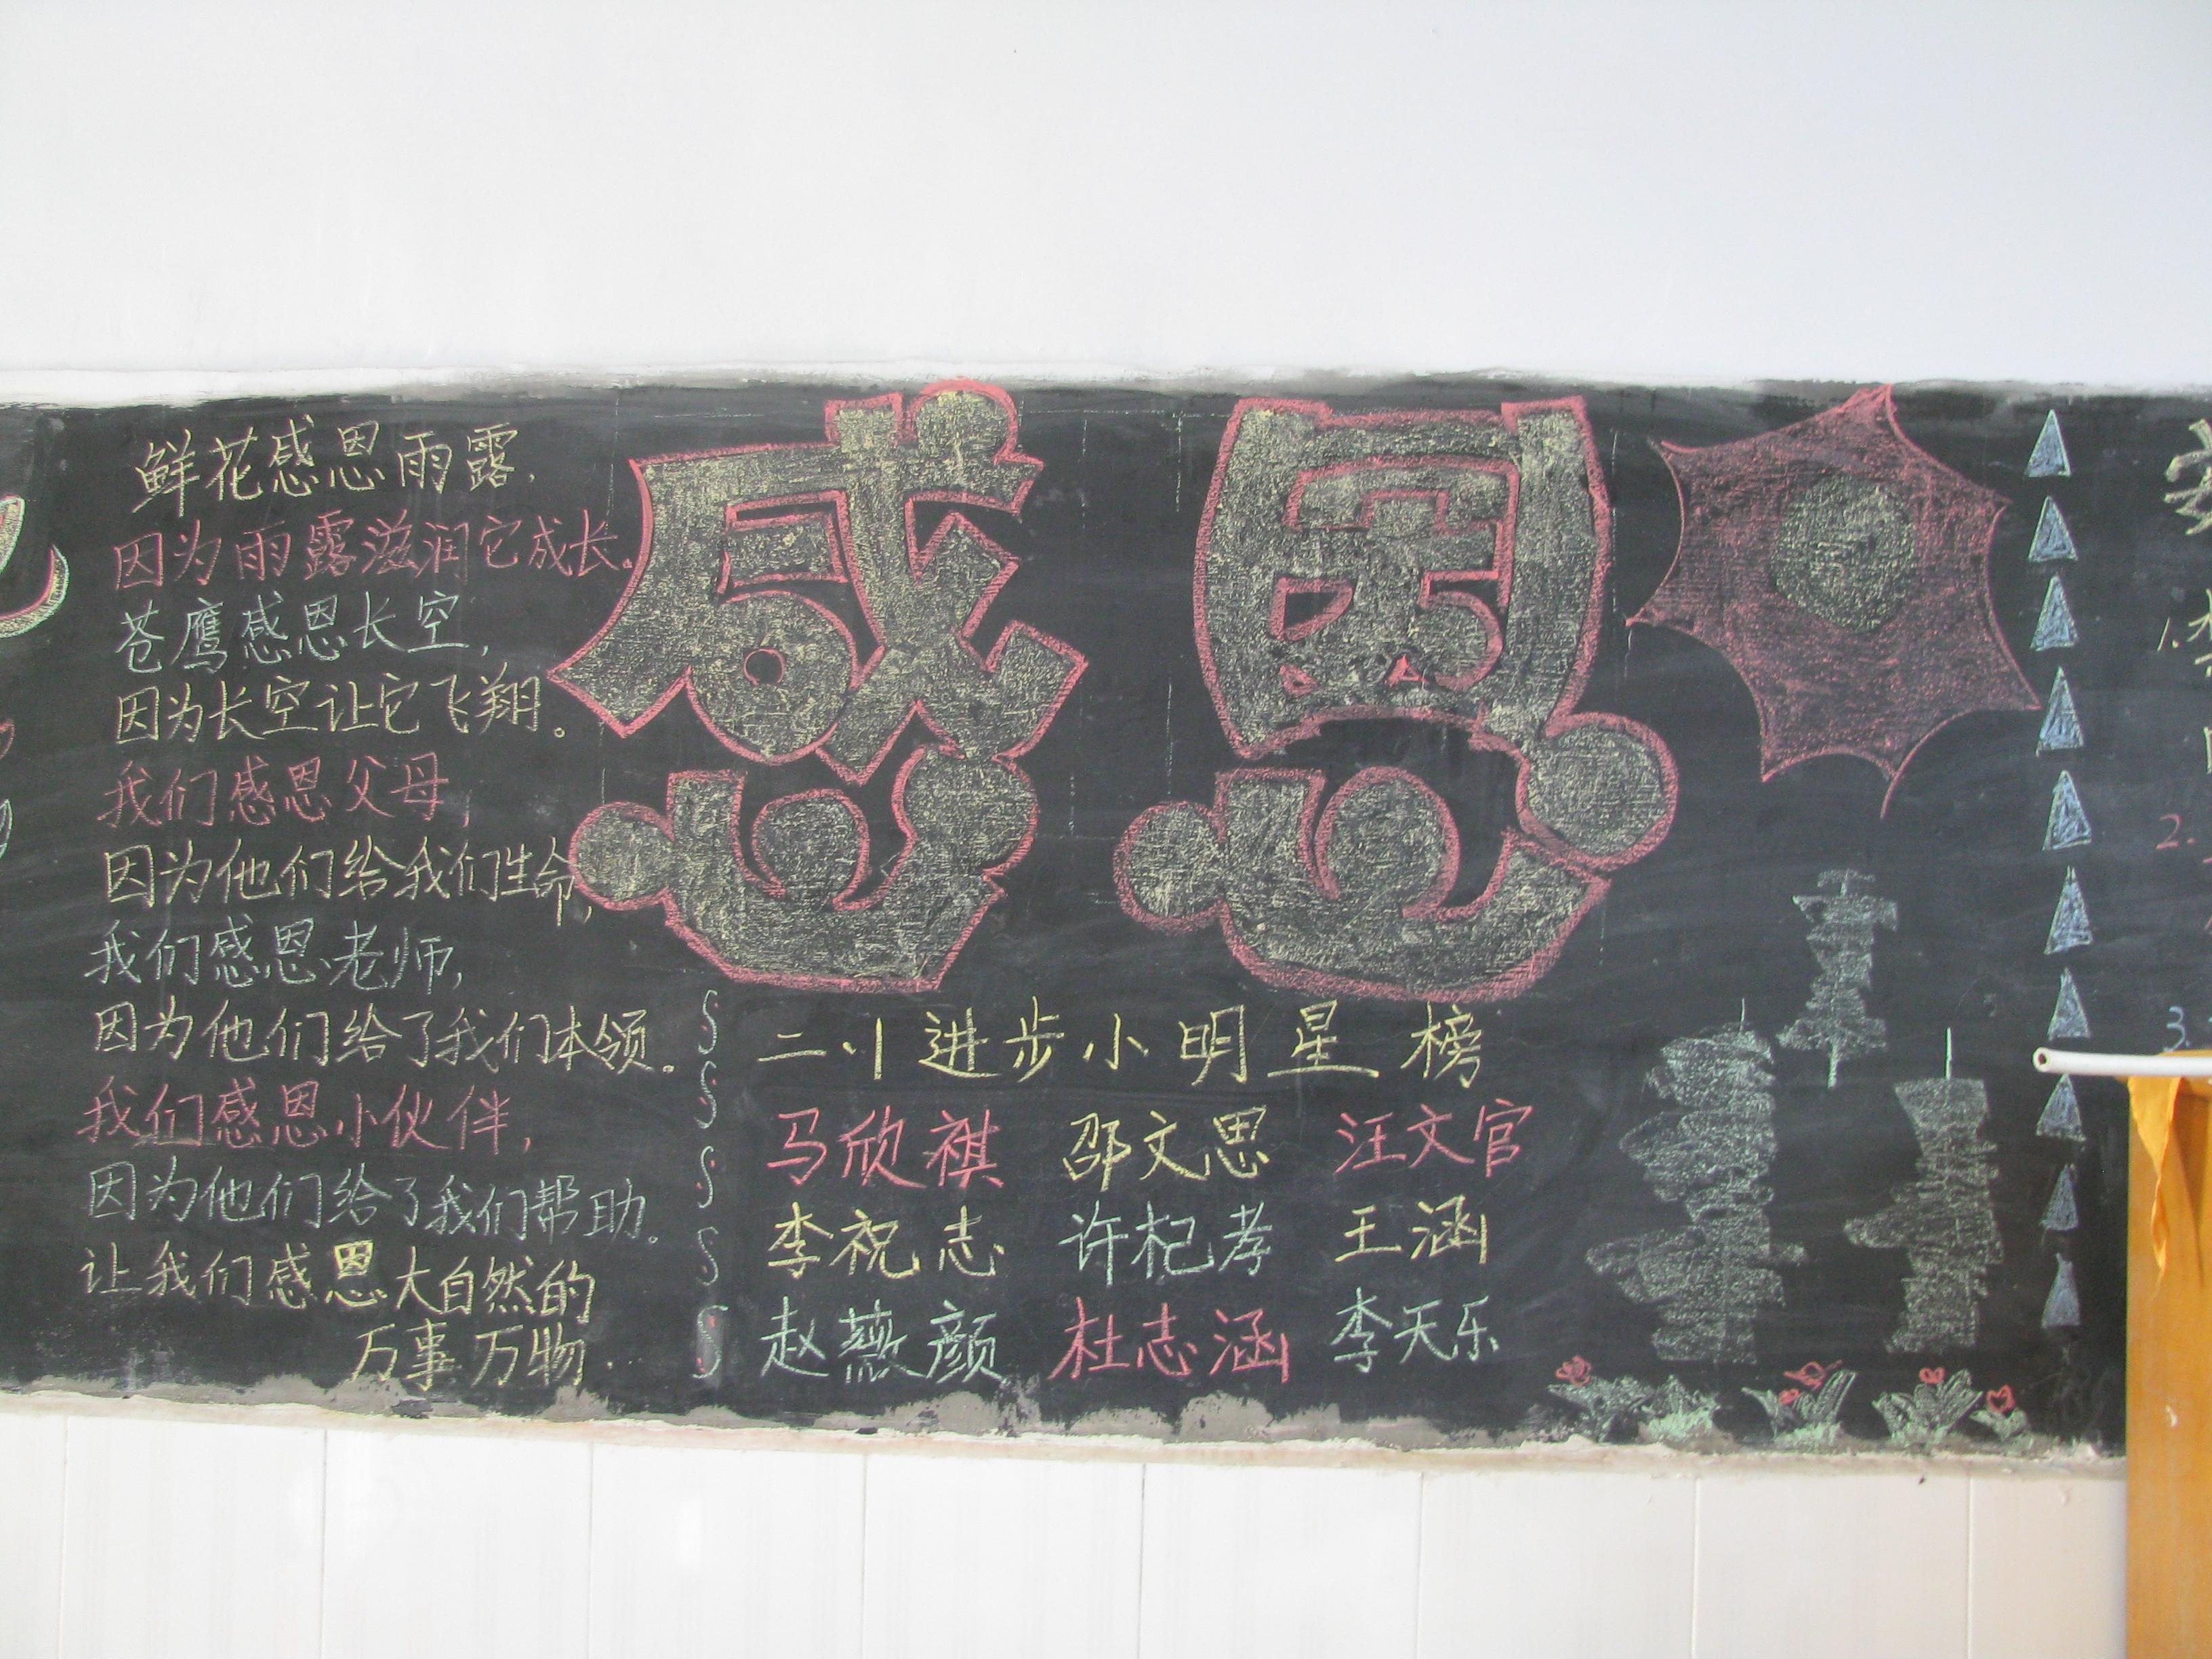 伏山镇中心小学感恩黑板报专栏